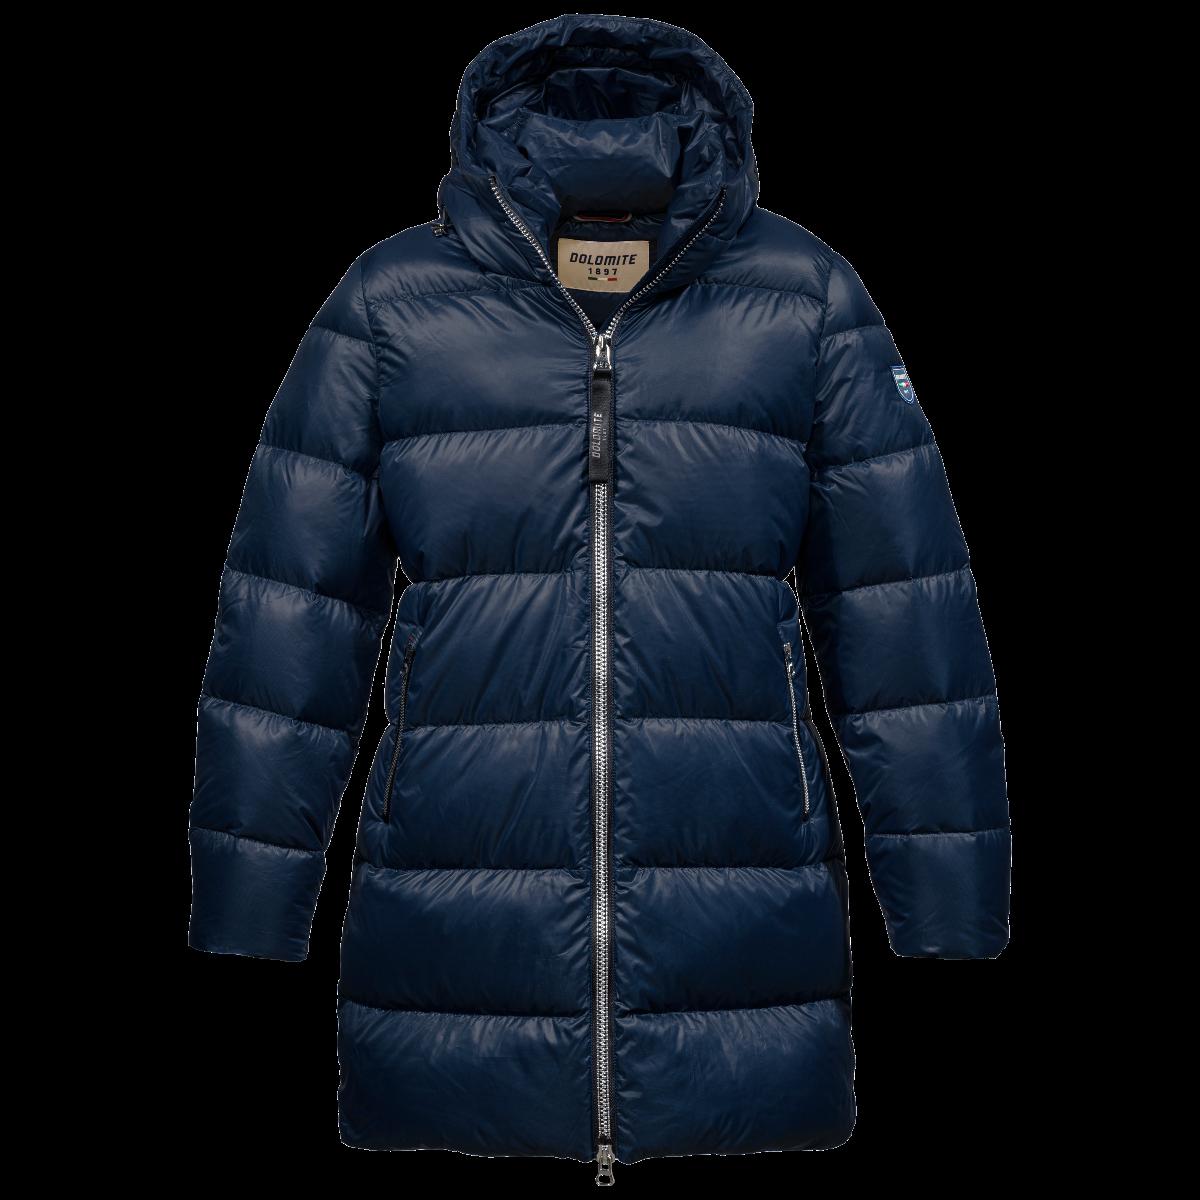 Dolomite Damen Parka W´s 54 Special 278526 schwarz-blau